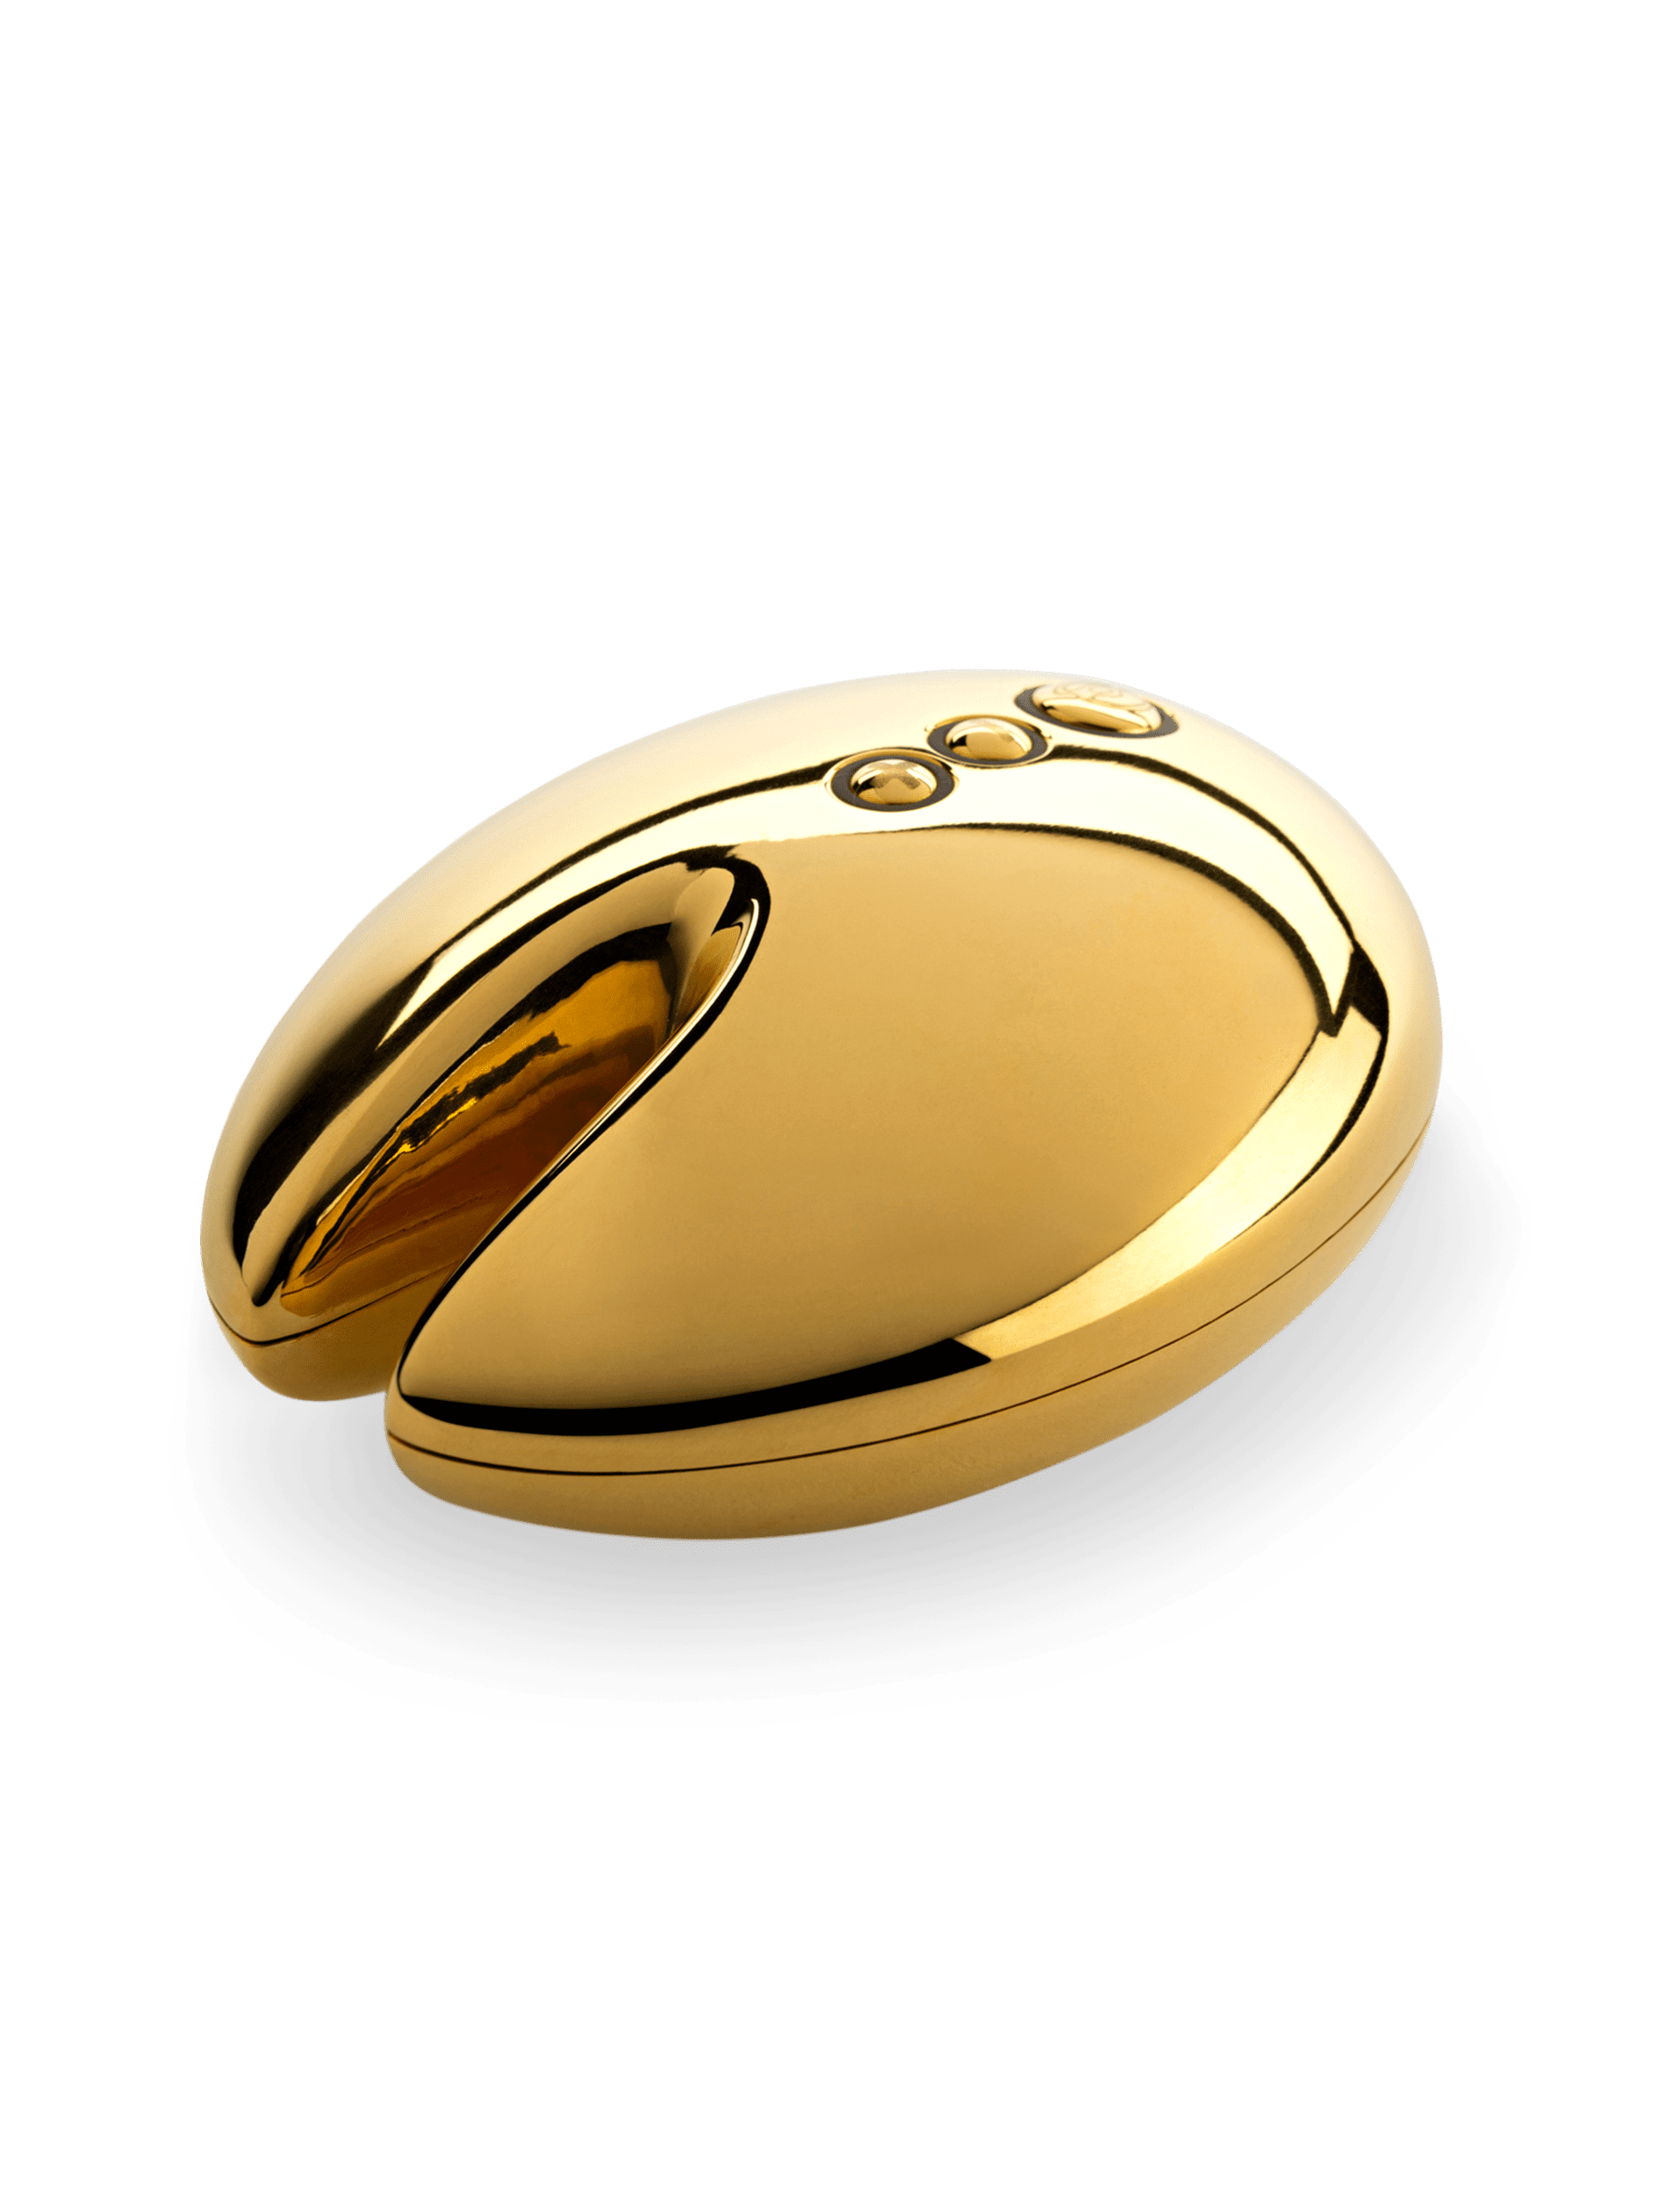 20190723233006 3602877 8 loai sextoy ma vang dat nhat the gioi 5 - 08 món sextoy đồ chơi tình dục bằng vàng đắt nhất thế giới.